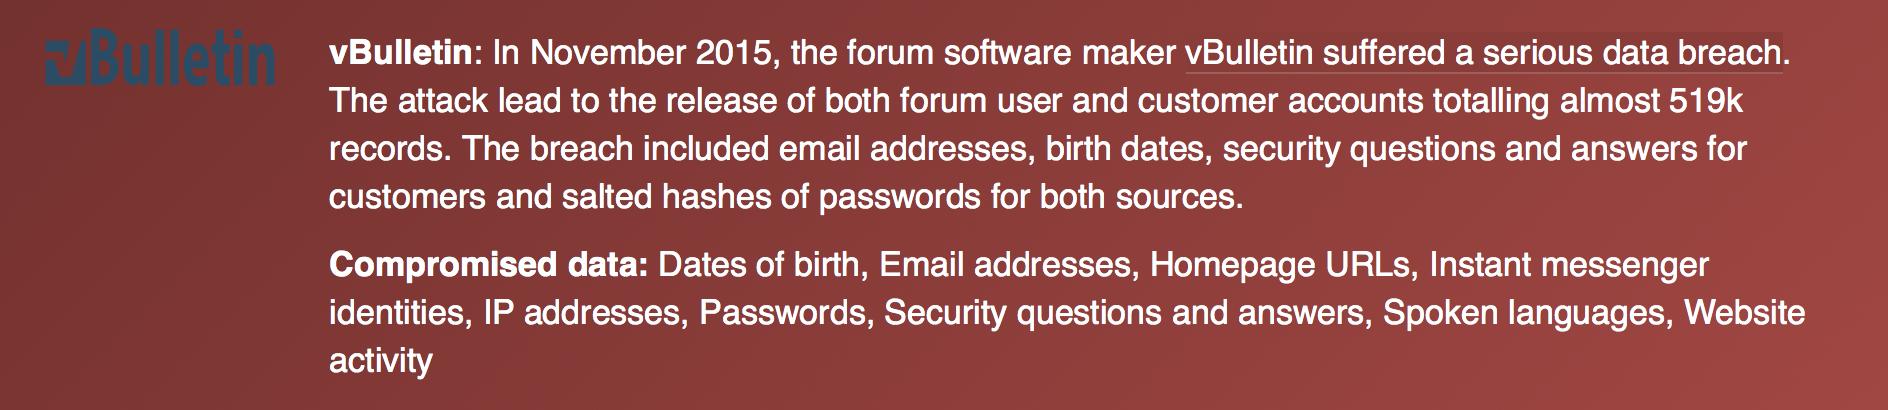 Hackerangriff: Bin ich betroffen von einem Cyberangriff? - Ferner: Rechtsanwalt für Strafrecht, Verkehrsrecht, IT-Recht Aachen